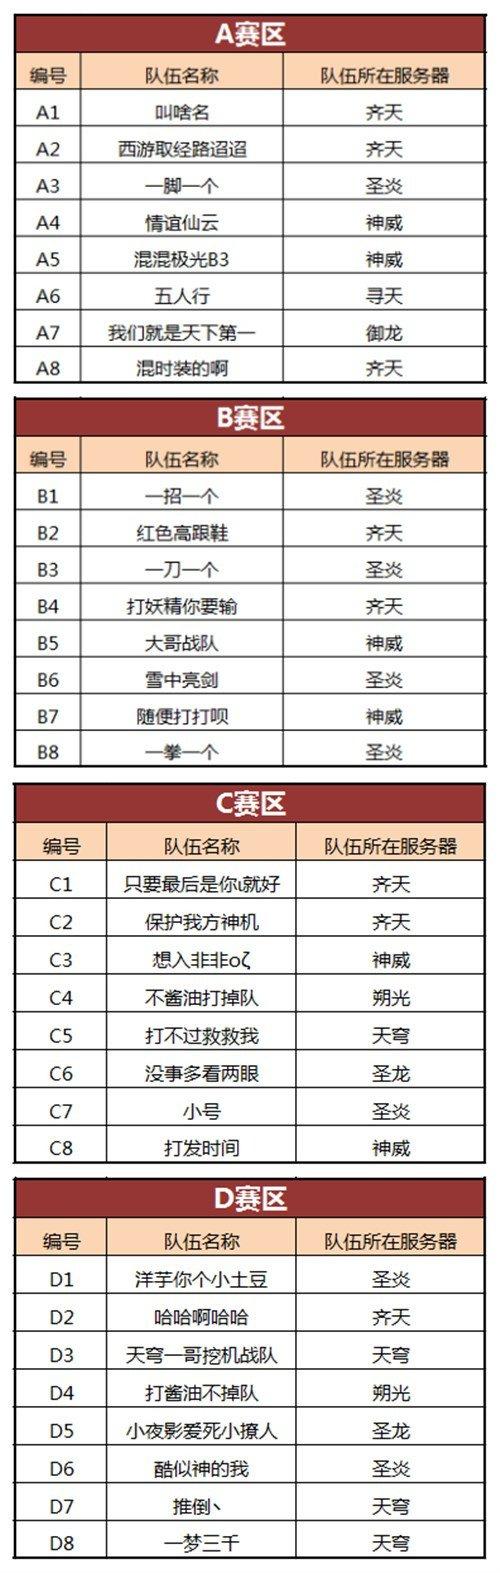 《完美国际2》平衡竞技赛32强揭晓 全民竞猜为战队打